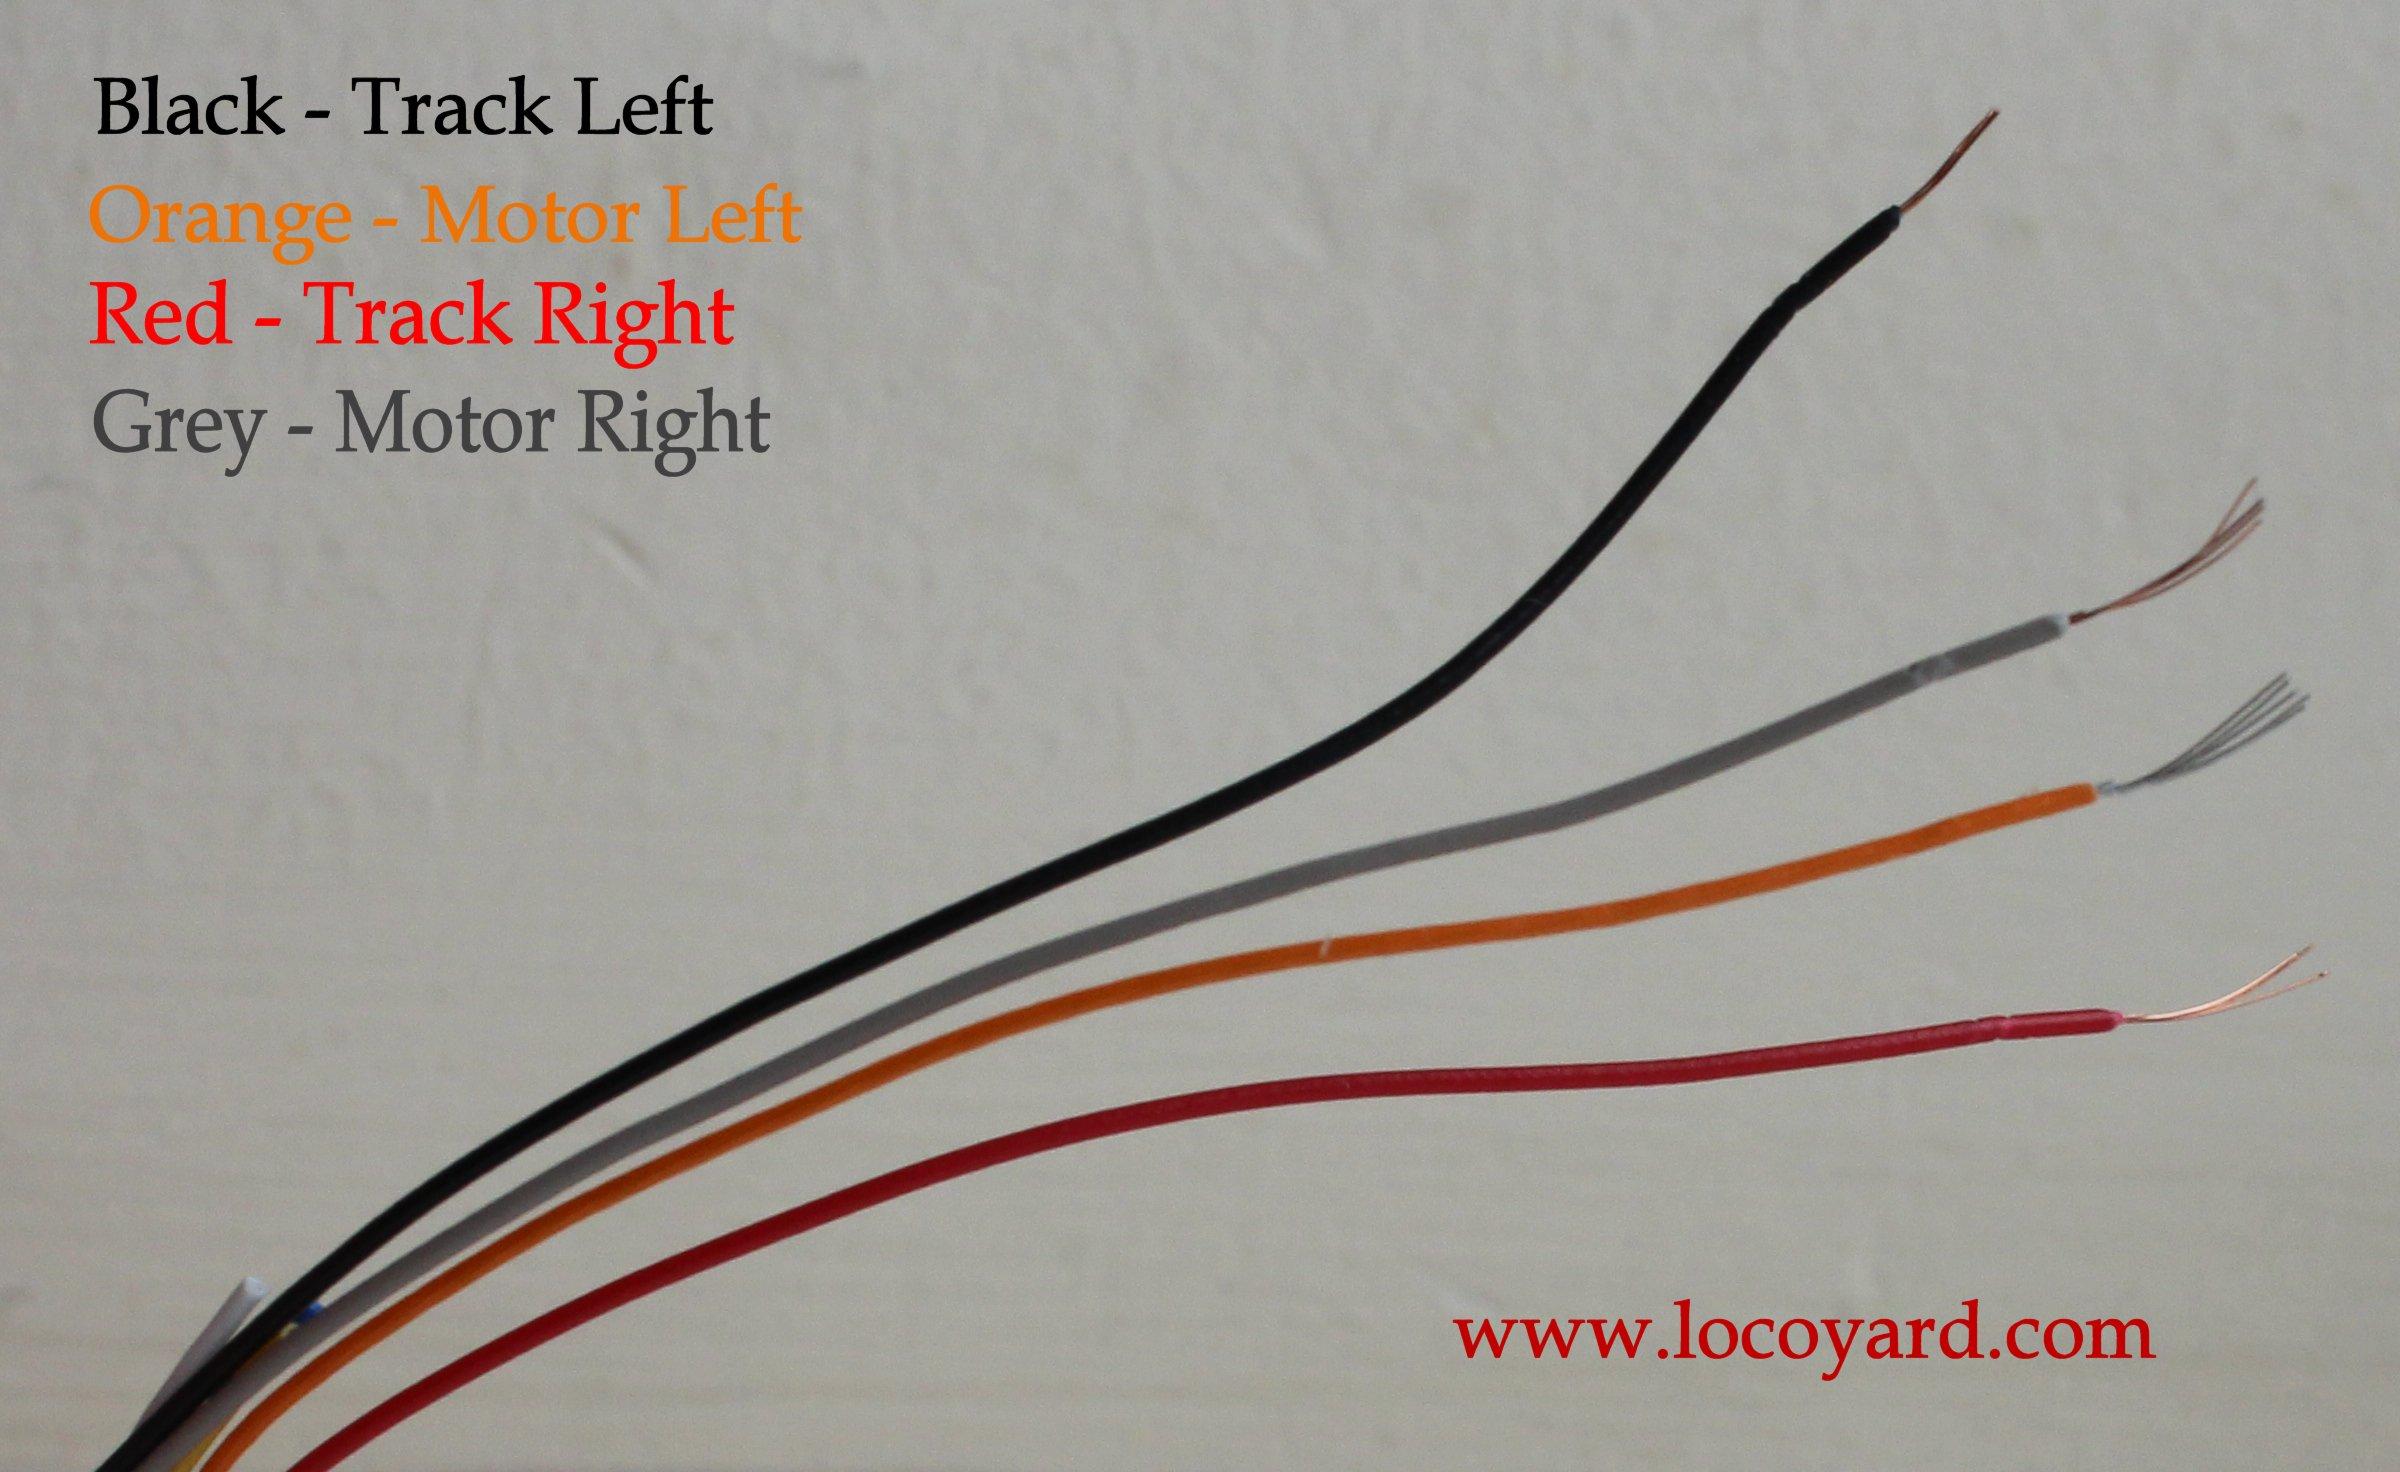 dcc wiring diagram kicker cvr 15 digital command control guides loco yard